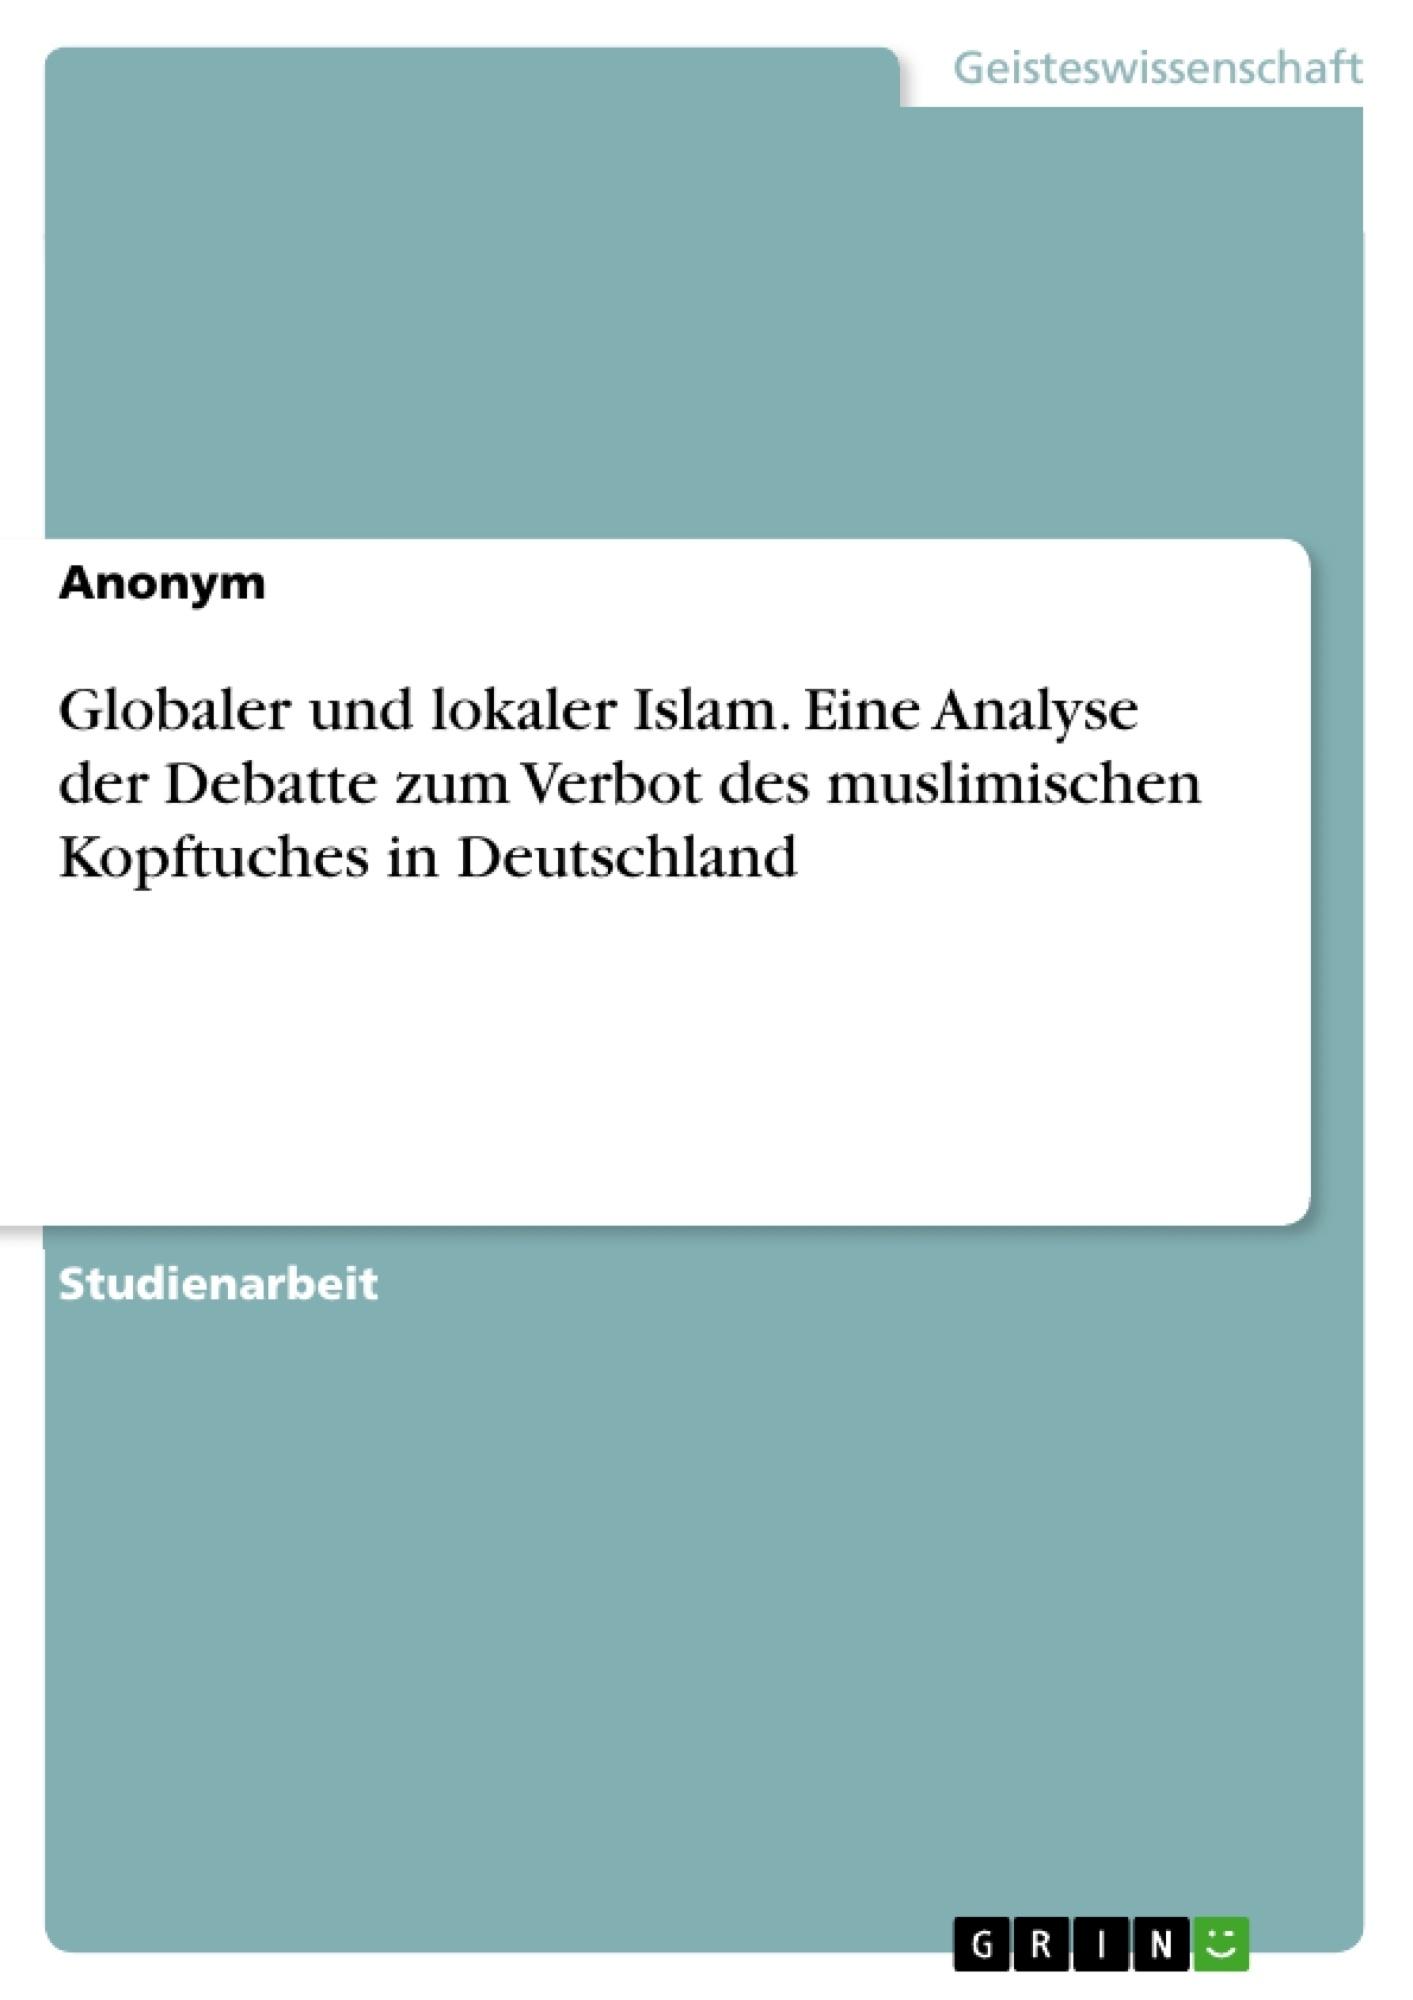 Titel: Globaler und lokaler Islam. Eine Analyse der Debatte zum Verbot des muslimischen Kopftuches in Deutschland